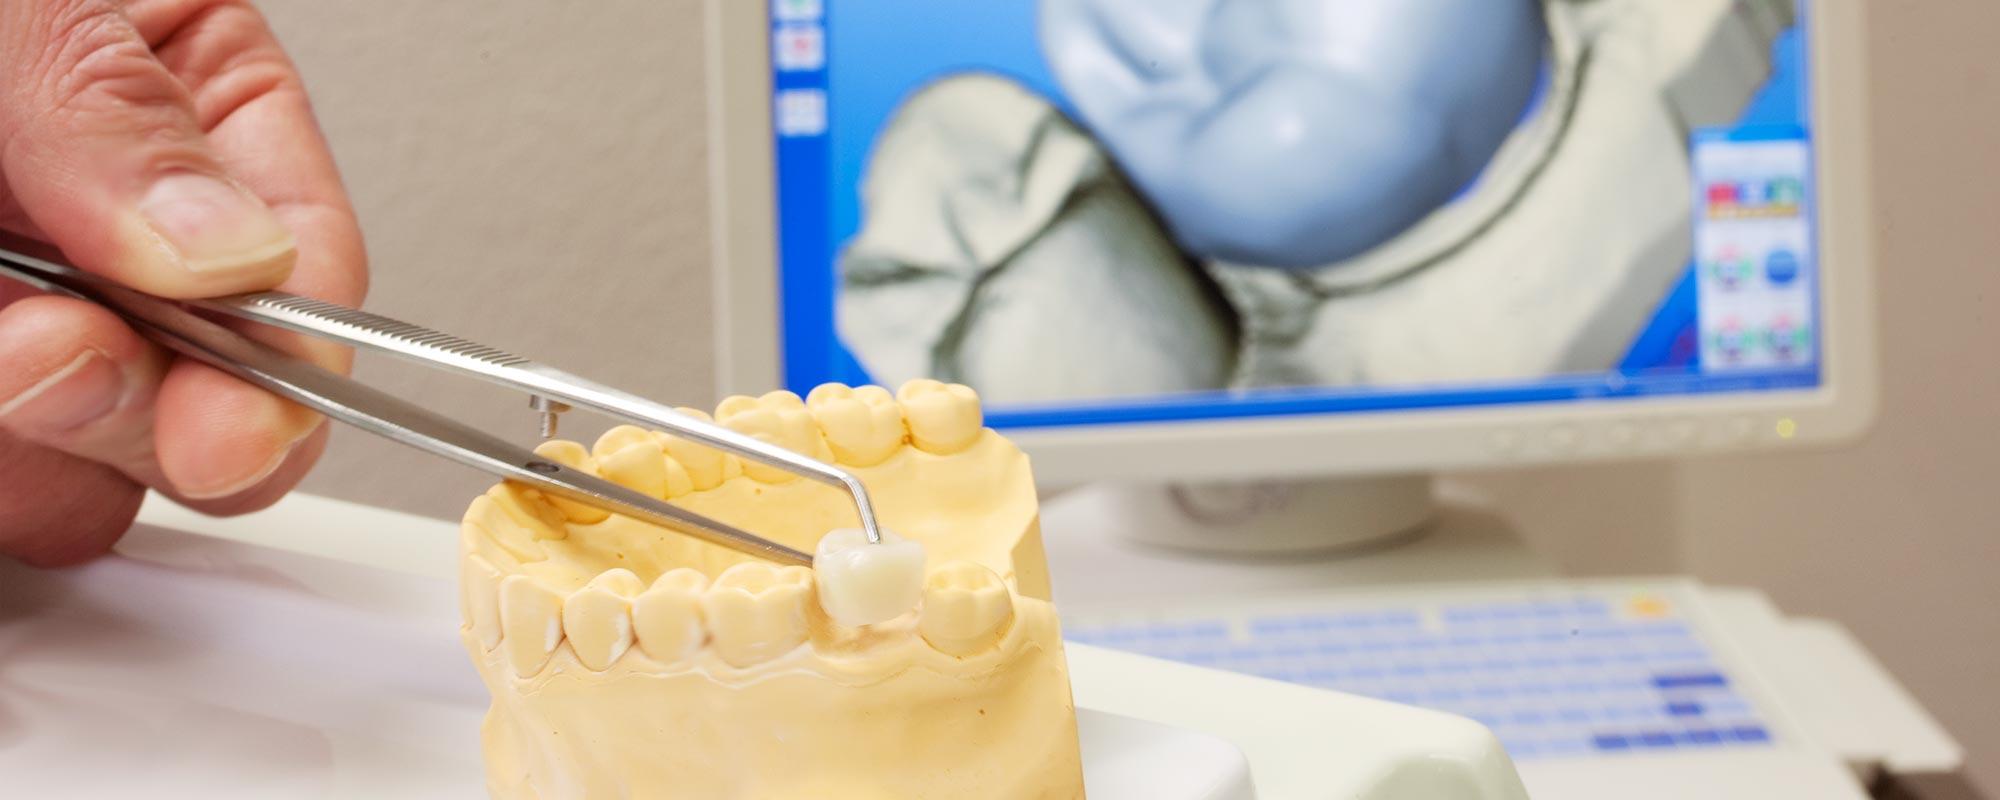 Zahnfarbene Keramikronen in einer Sitzung